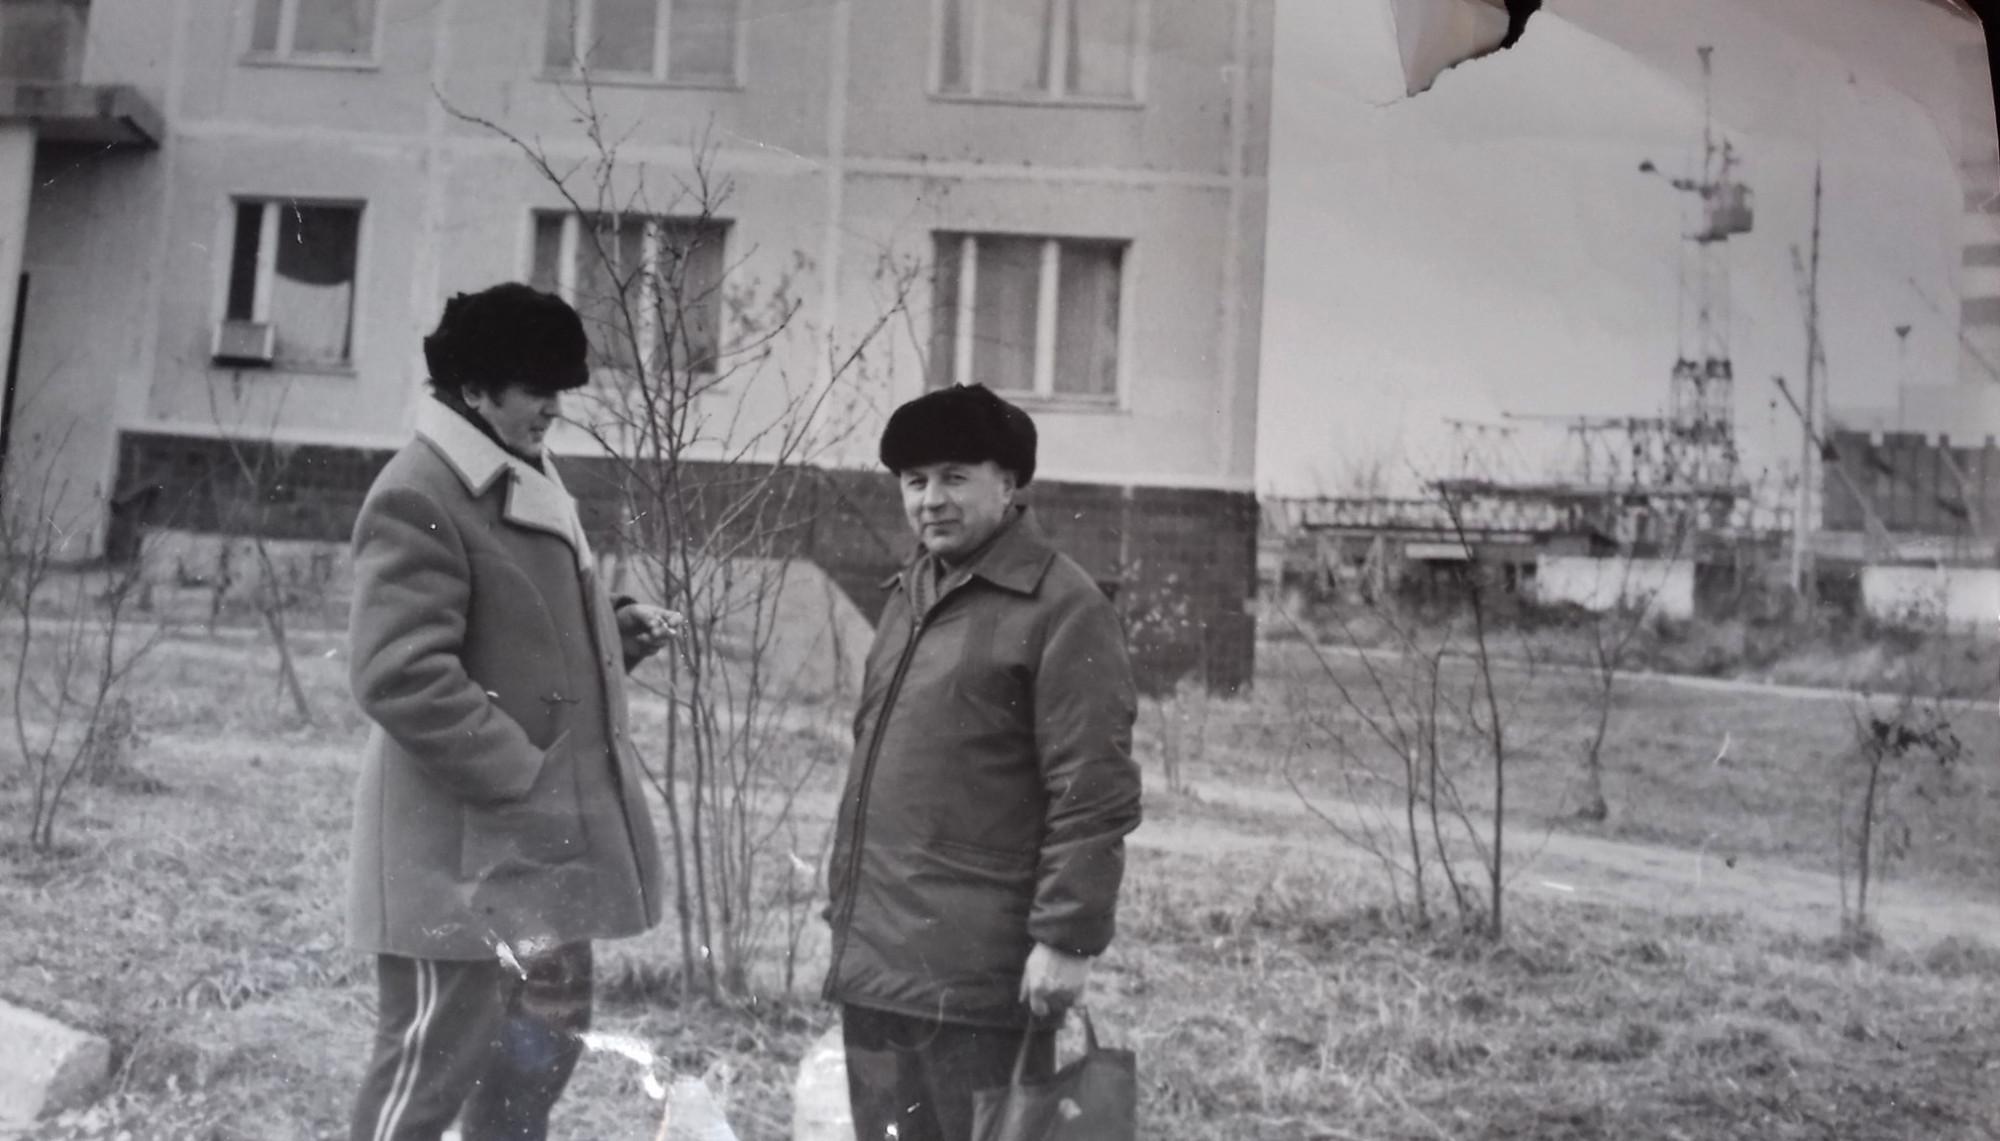 1974 Дом 11 Очаковское шоссе на заднем плане строят ТЭЦ. Елена Быстрова